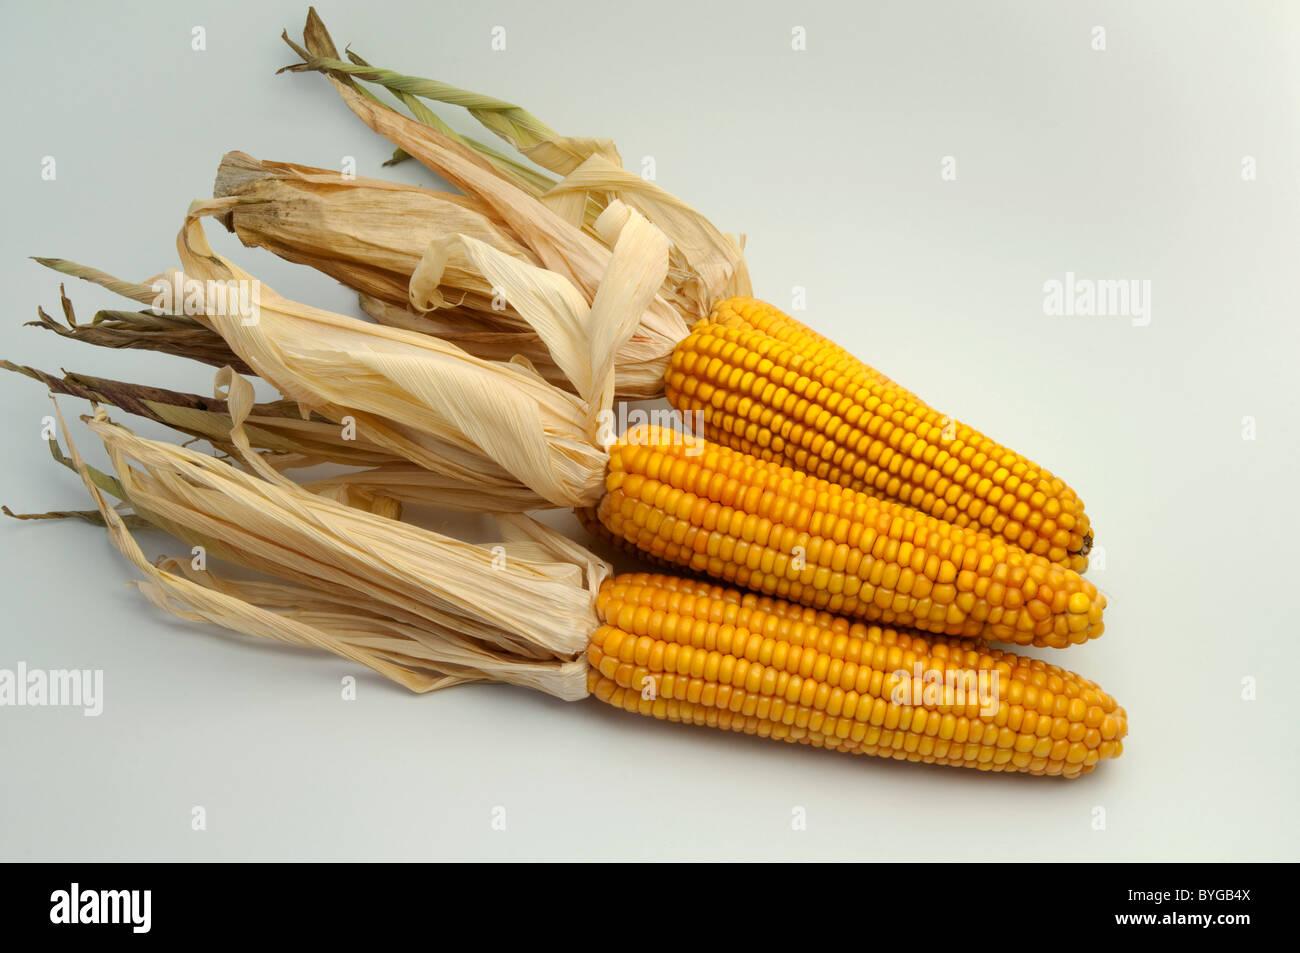 Le maïs, le maïs (Zea mays). Les épis mûrs. Studio photo sur un fond blanc. Photo Stock